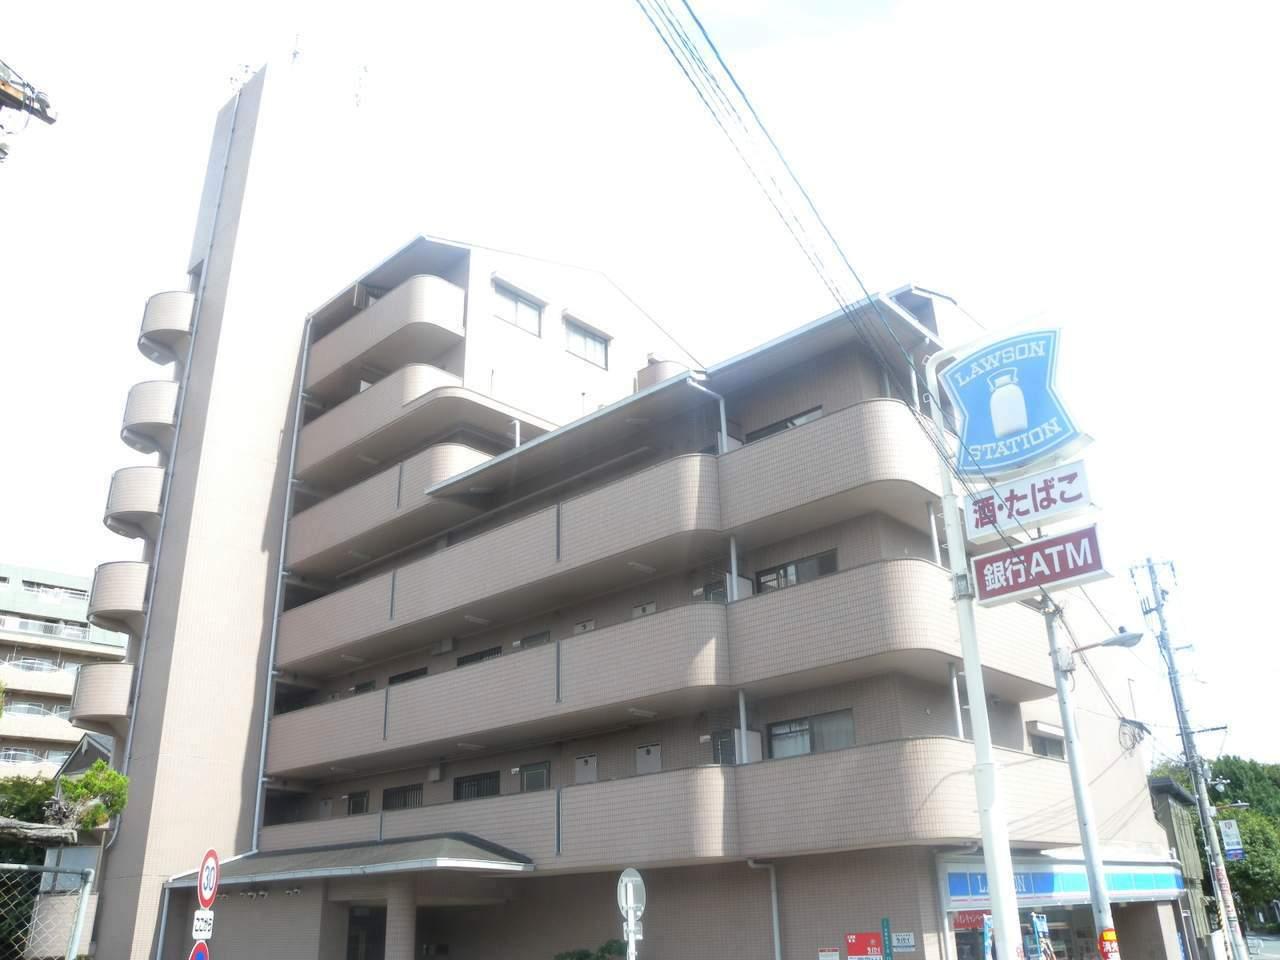 大阪府大阪市都島区、桜ノ宮駅徒歩1分の築25年 7階建の賃貸マンション